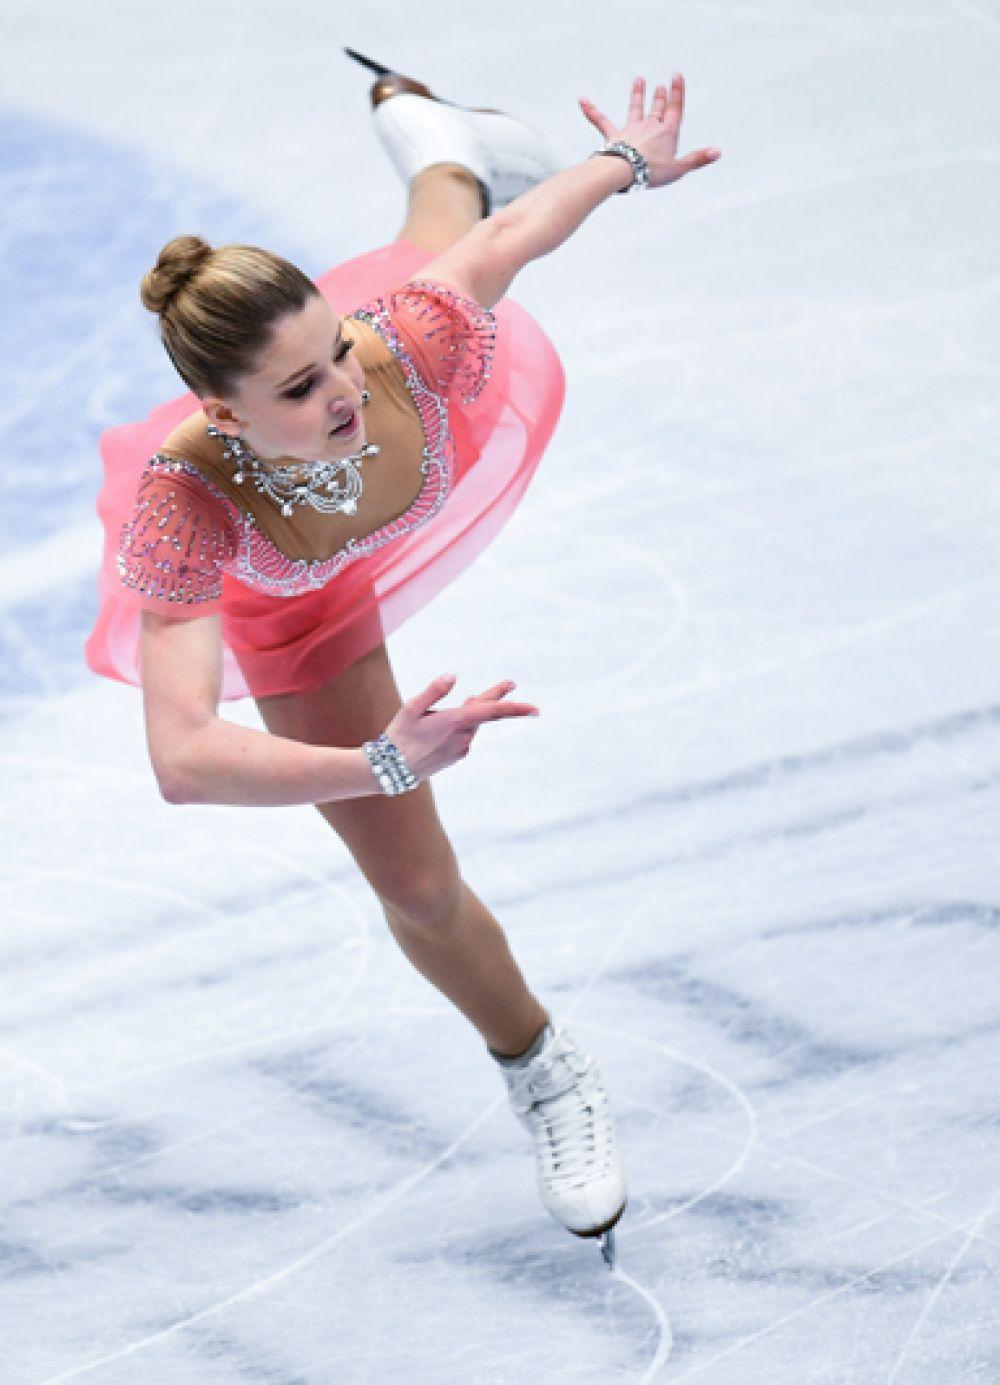 Мария Сотскова (Россия) выступает в короткой программе женского одиночного катания на чемпионате мира по фигурному катанию в Милане.